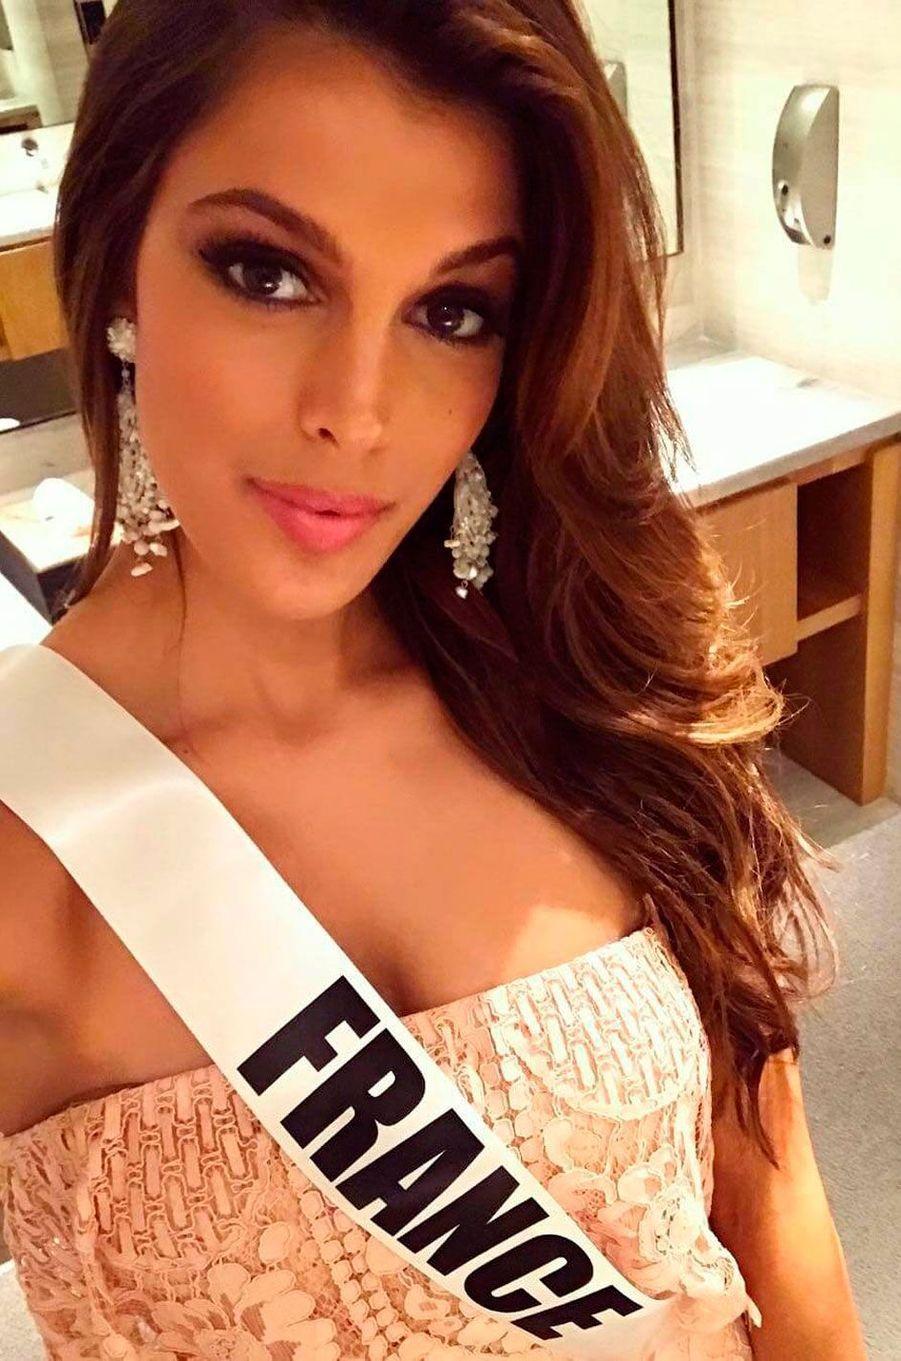 Iris Mitteanere, Miss France 2016 participe au concours Miss Univers 2016